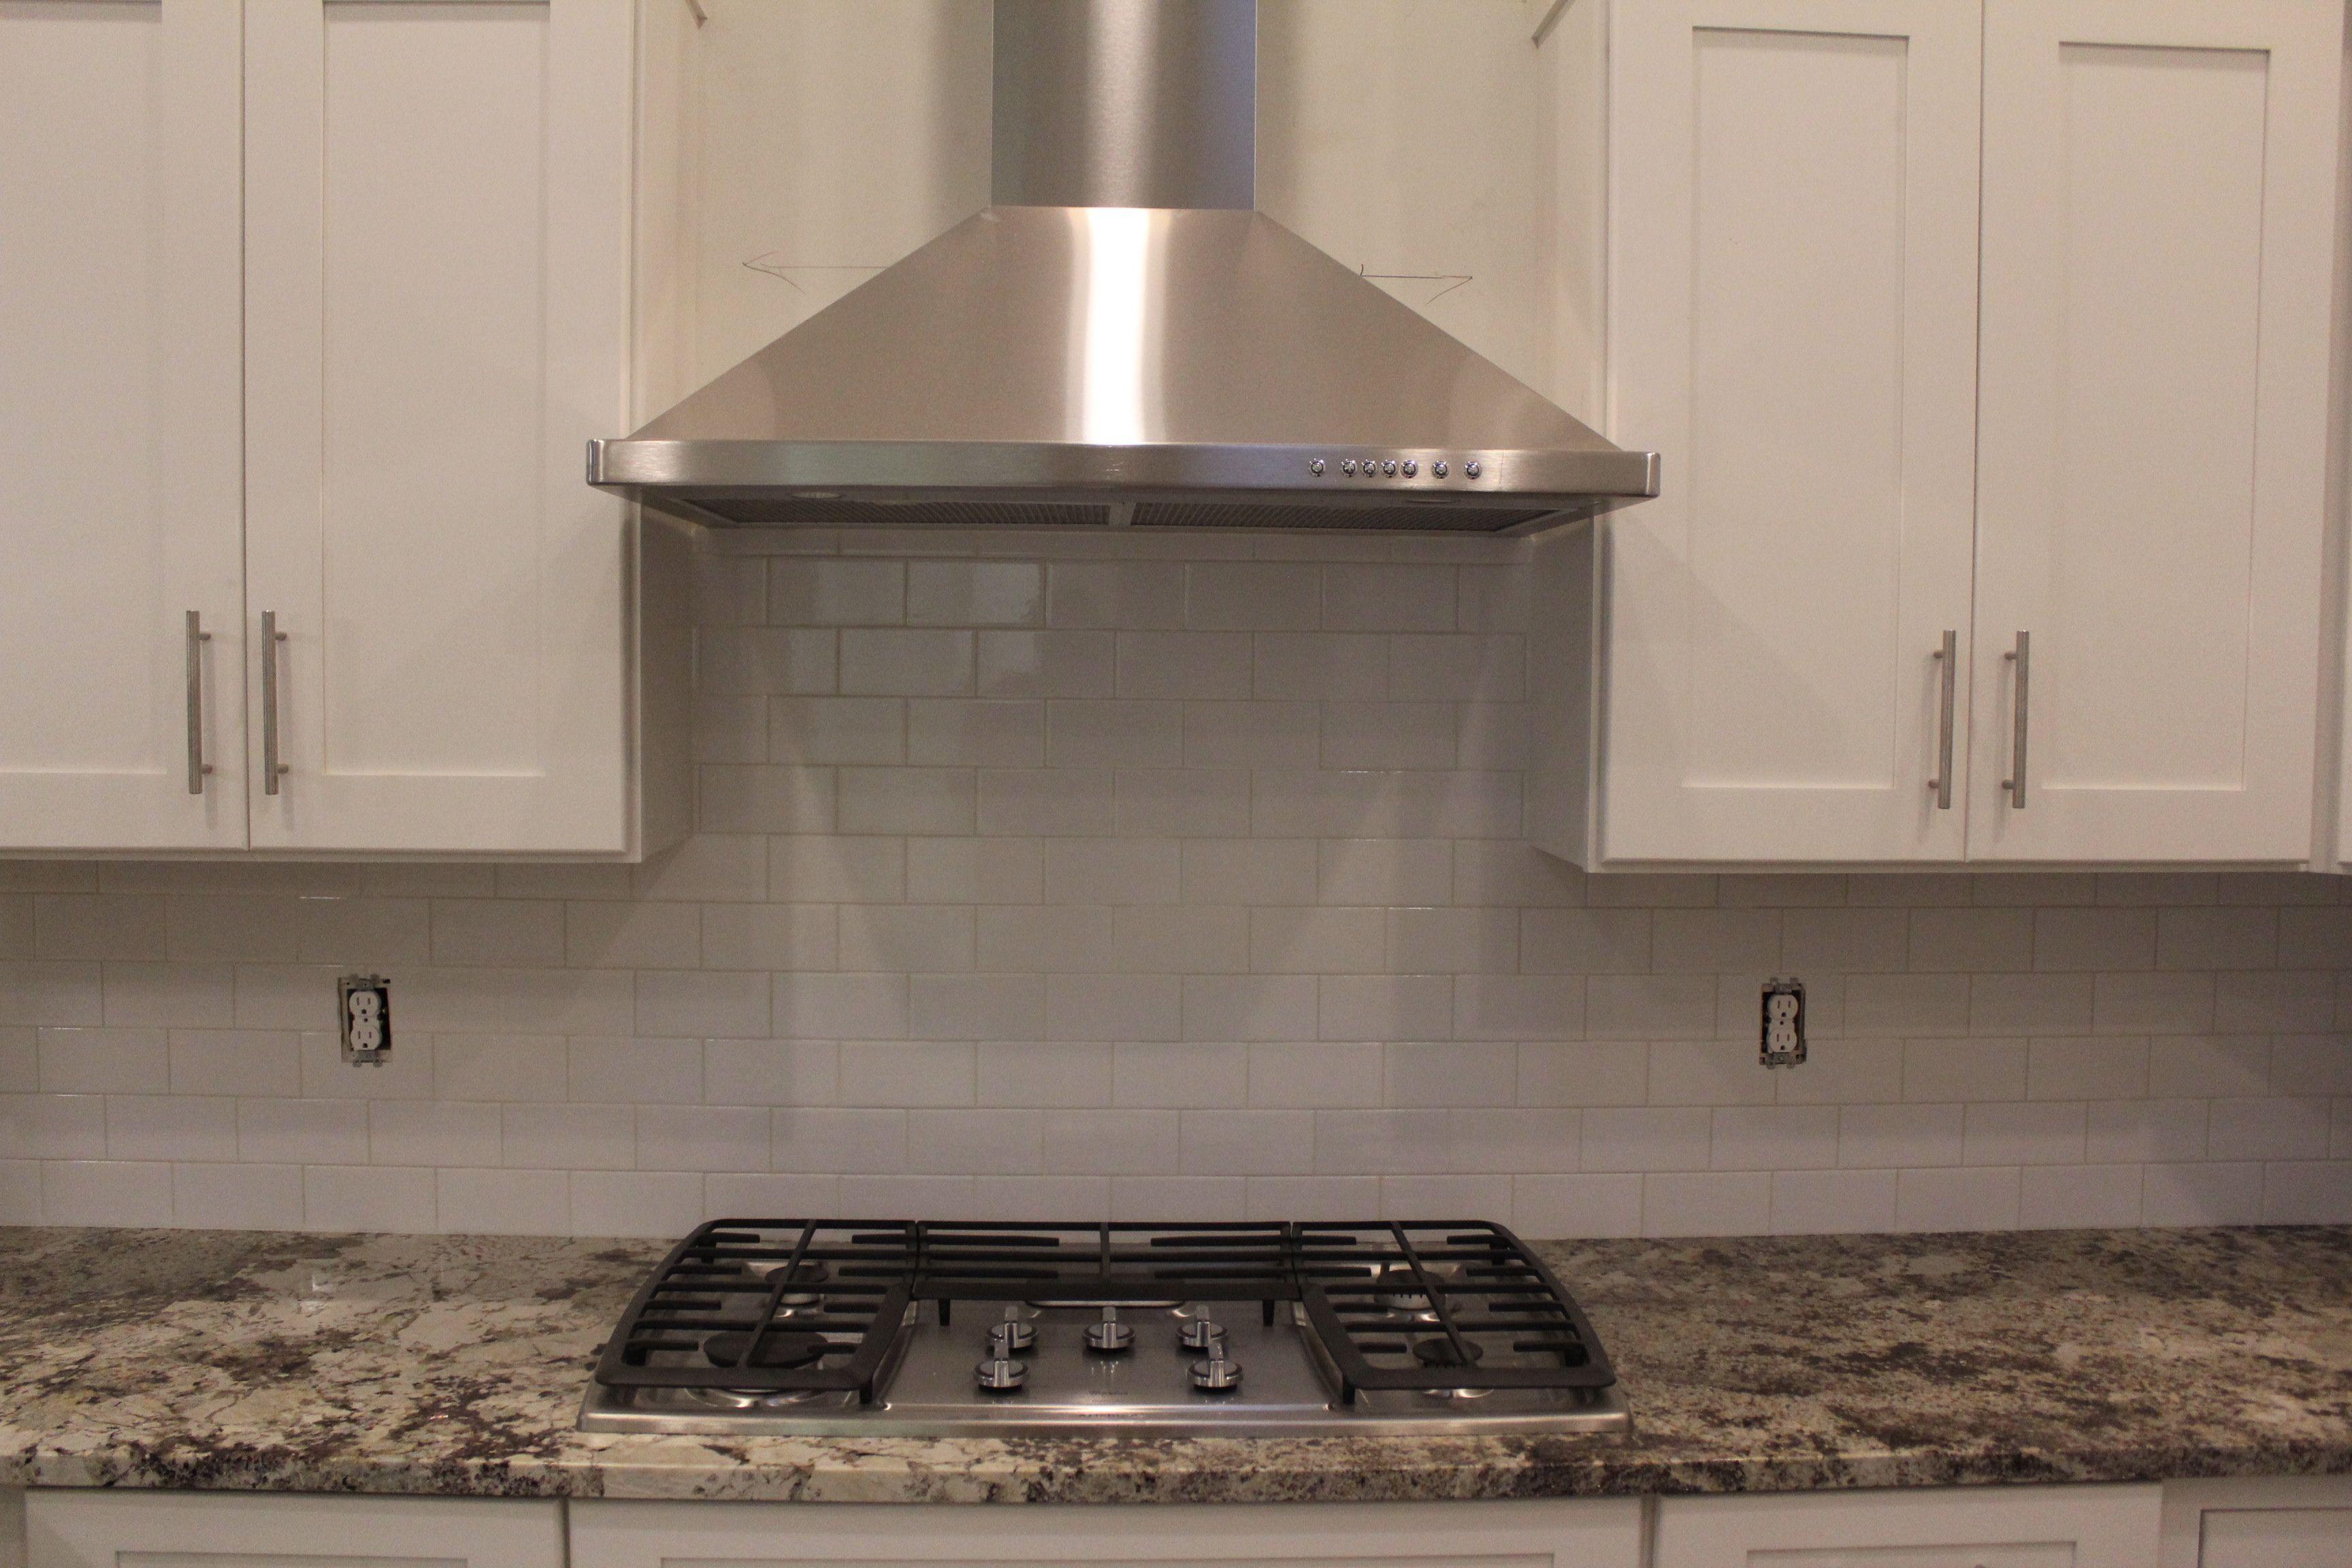 42 Inch Upper Kitchen Cabinets 2021 In 2020 Stylish Kitchen Design New Kitchen Cabinets Stylish Kitchen